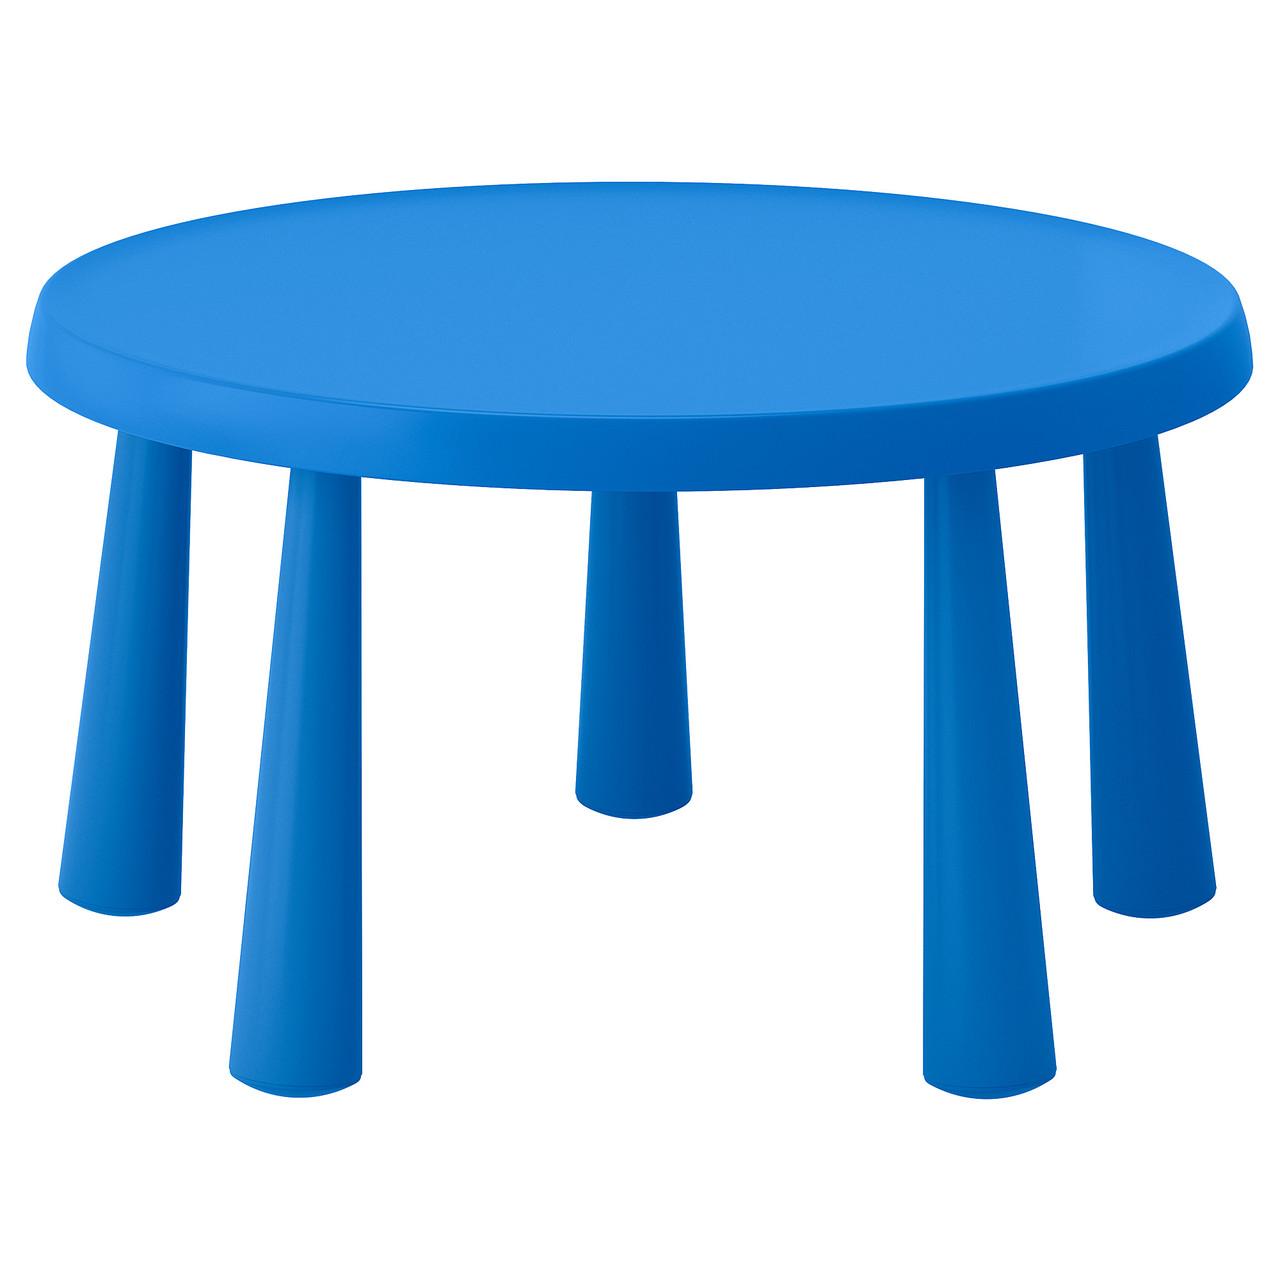 Стол обеденный картинка для детей на прозрачном фоне